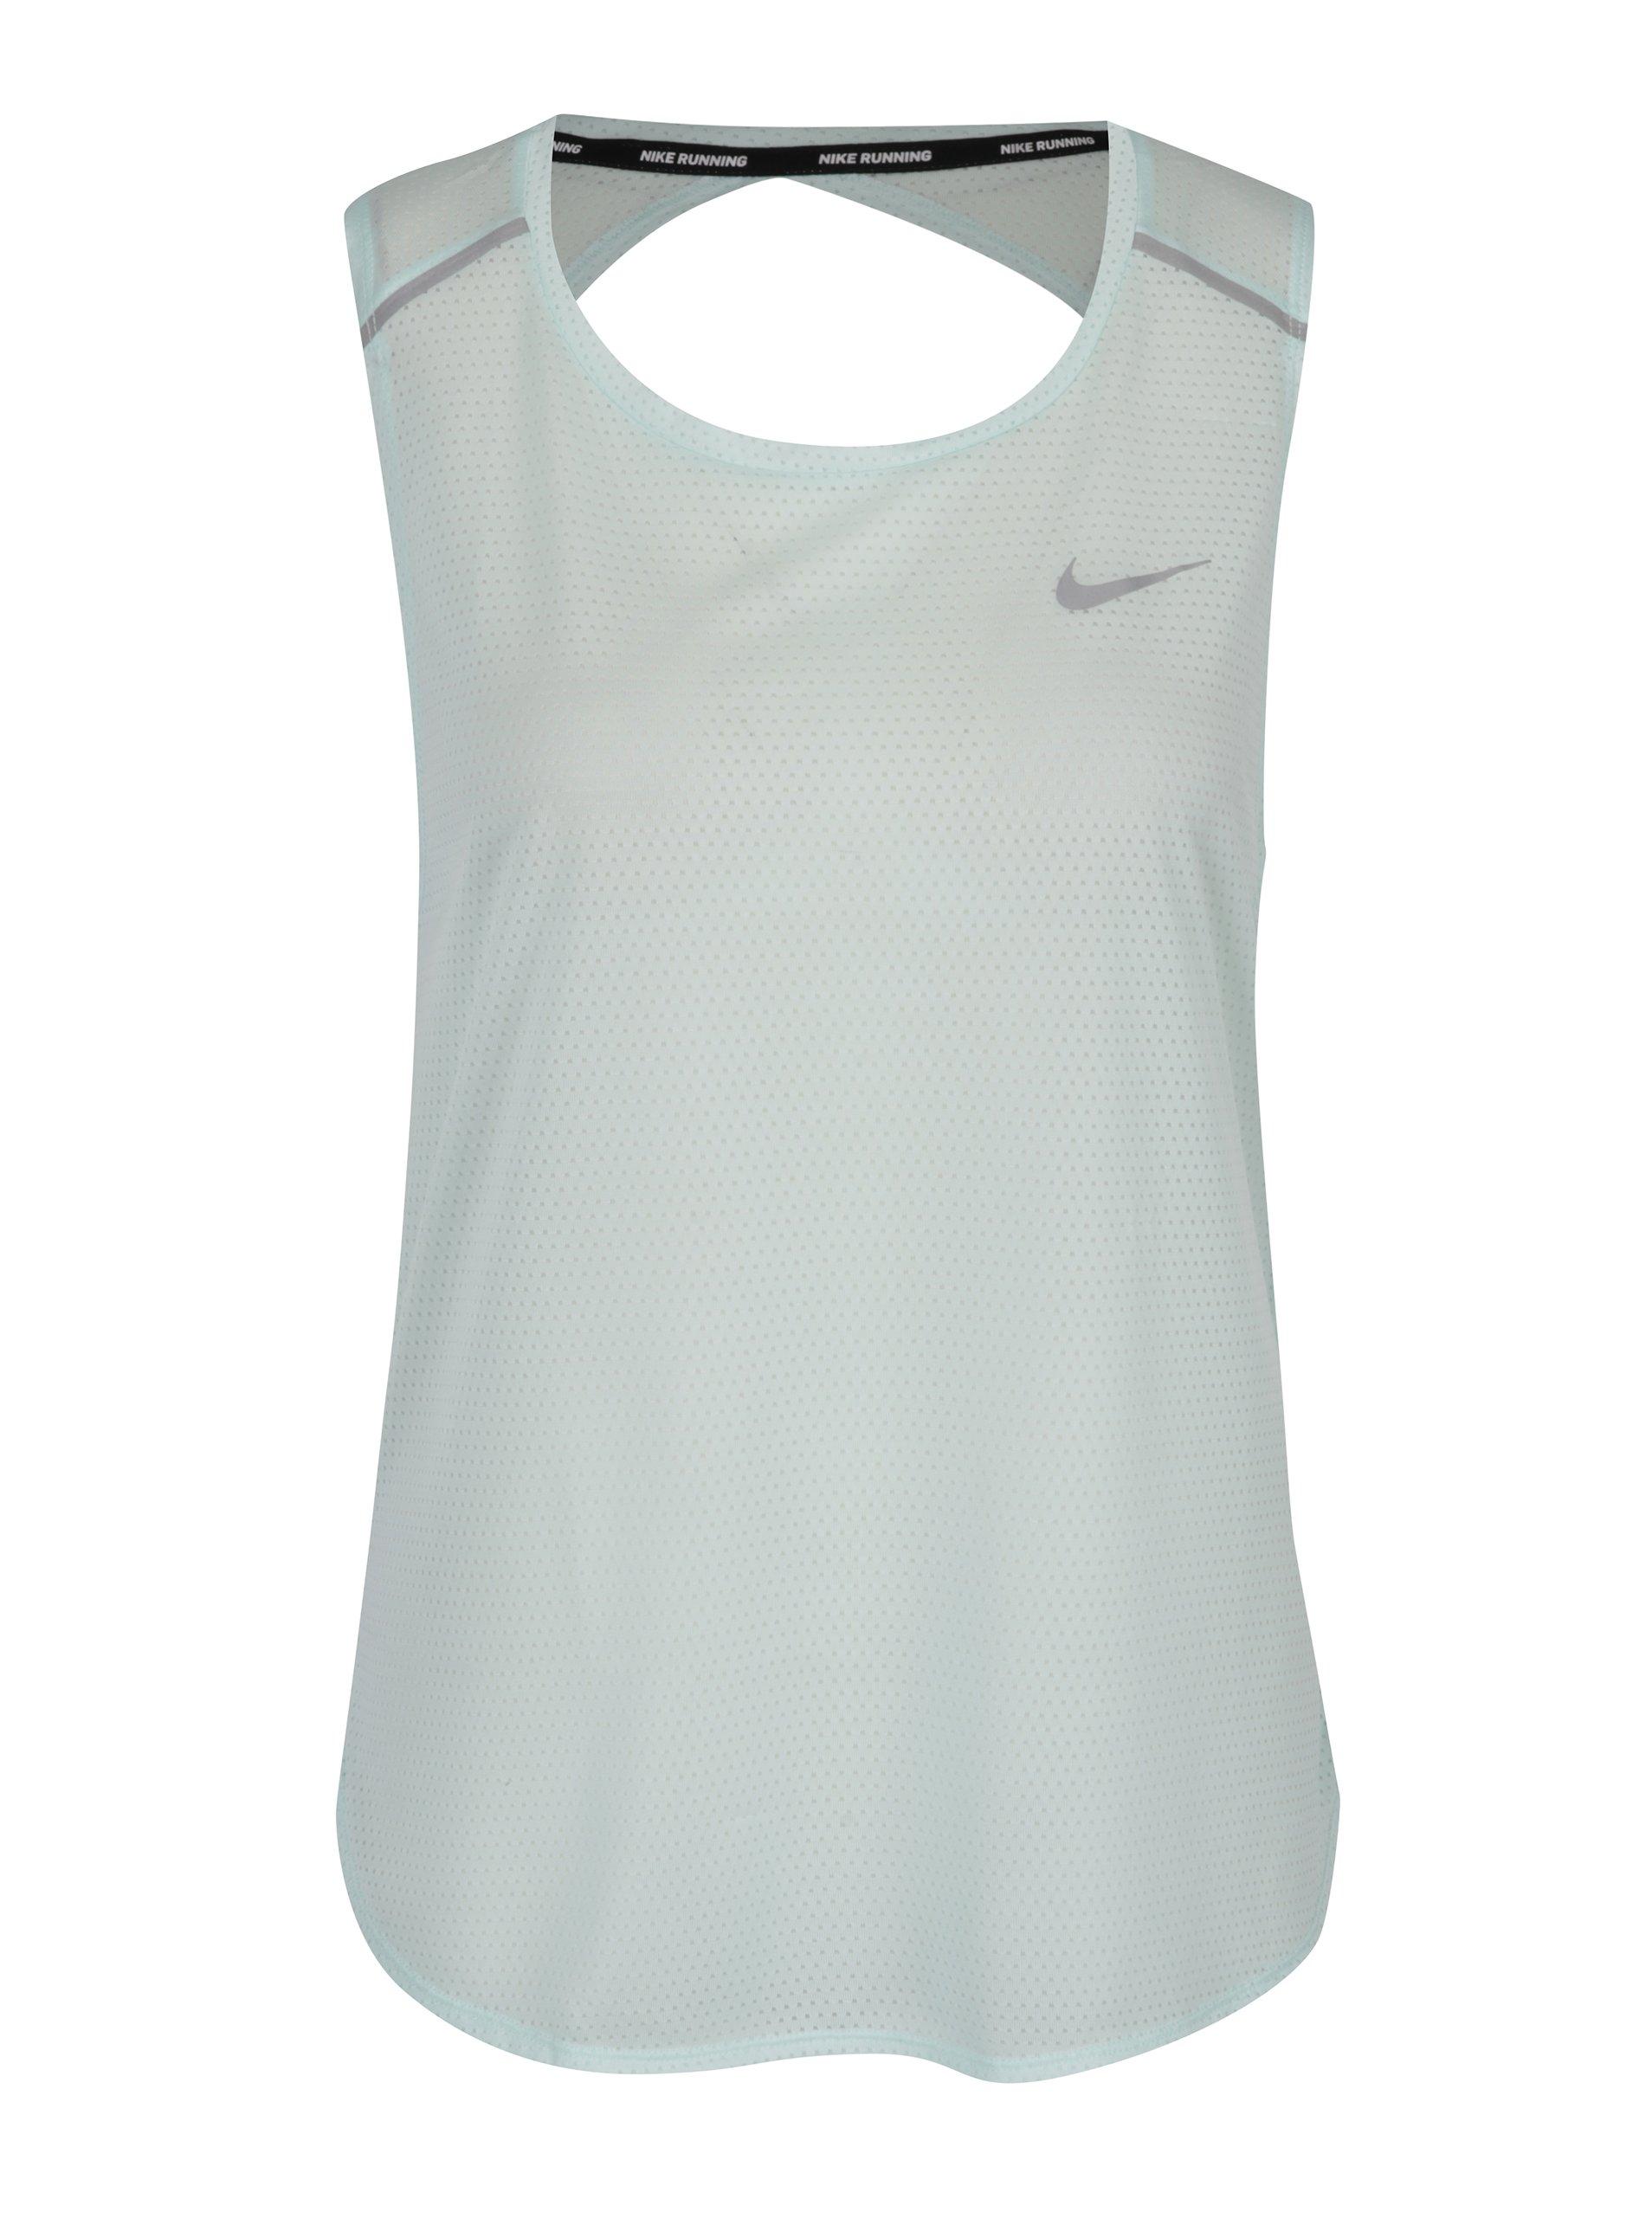 Mentolové dámske funkčné tielko s prestrihom na chrbte Nike Breathe ... 63e65155a11